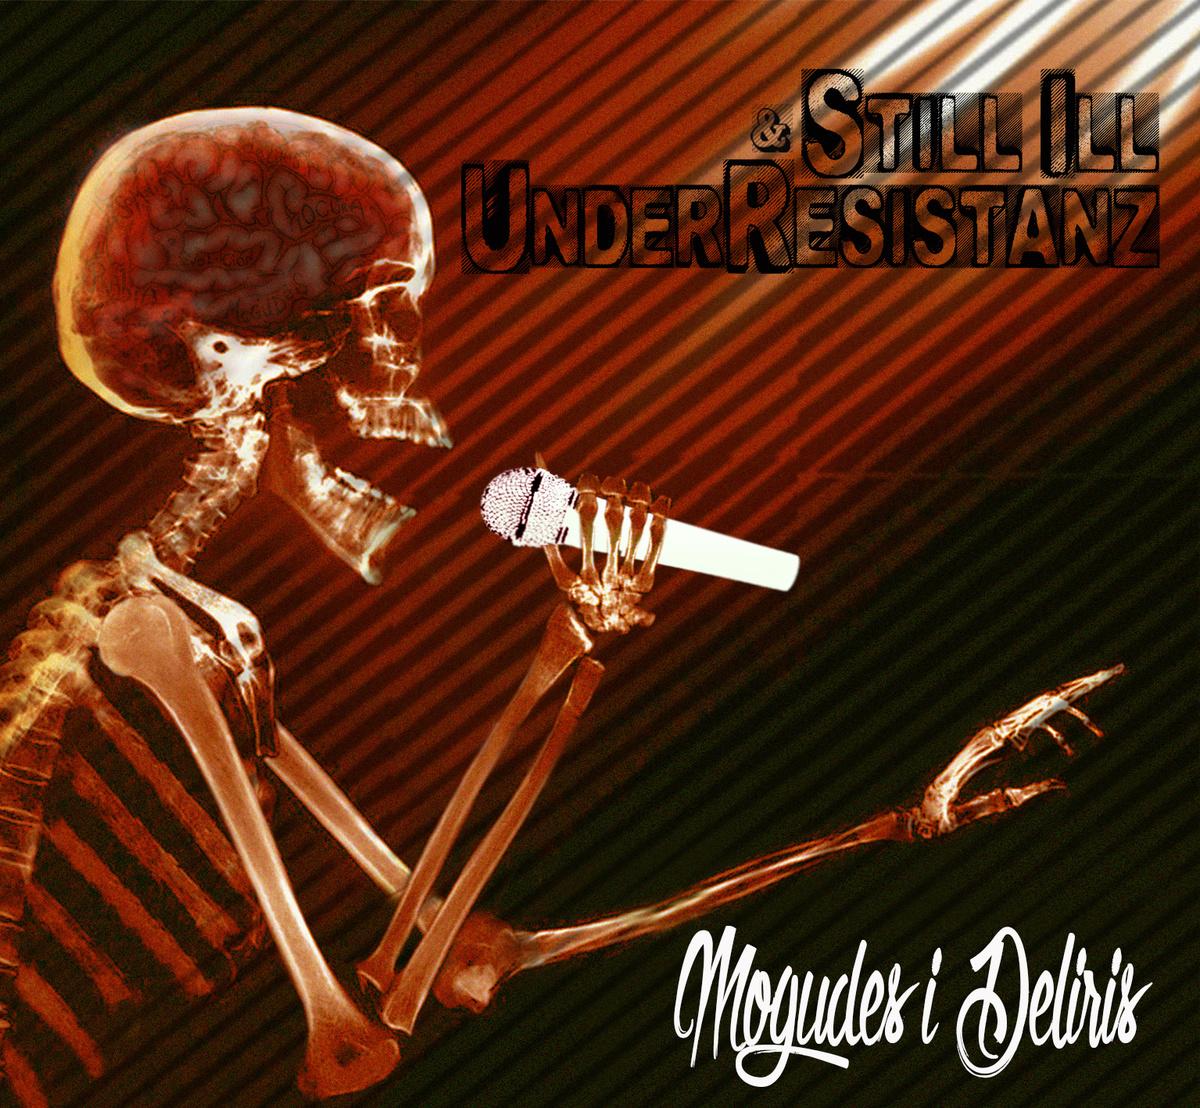 Still_ill___underresistanz_-_mogudes_i_deliris